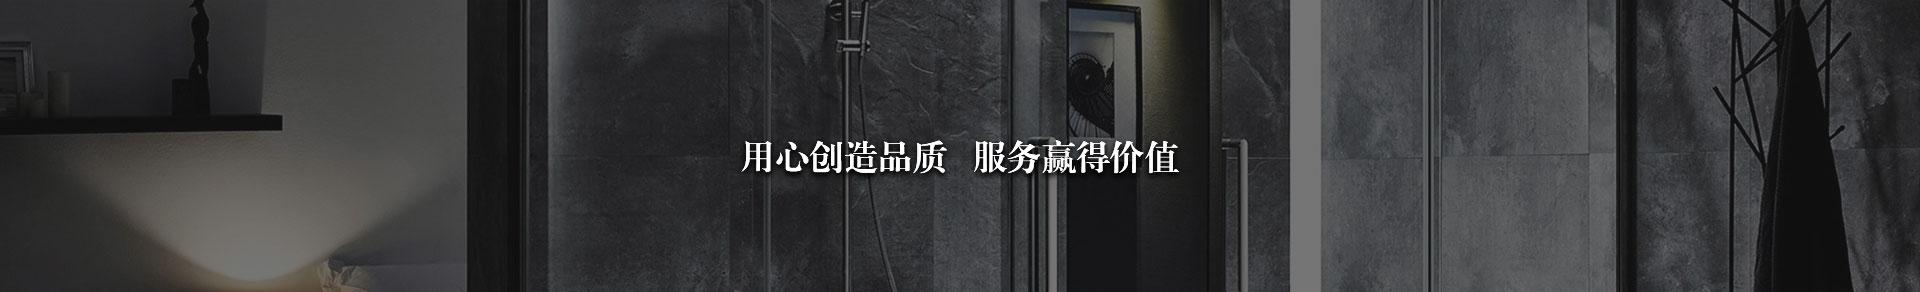 辟谷丹招商代理